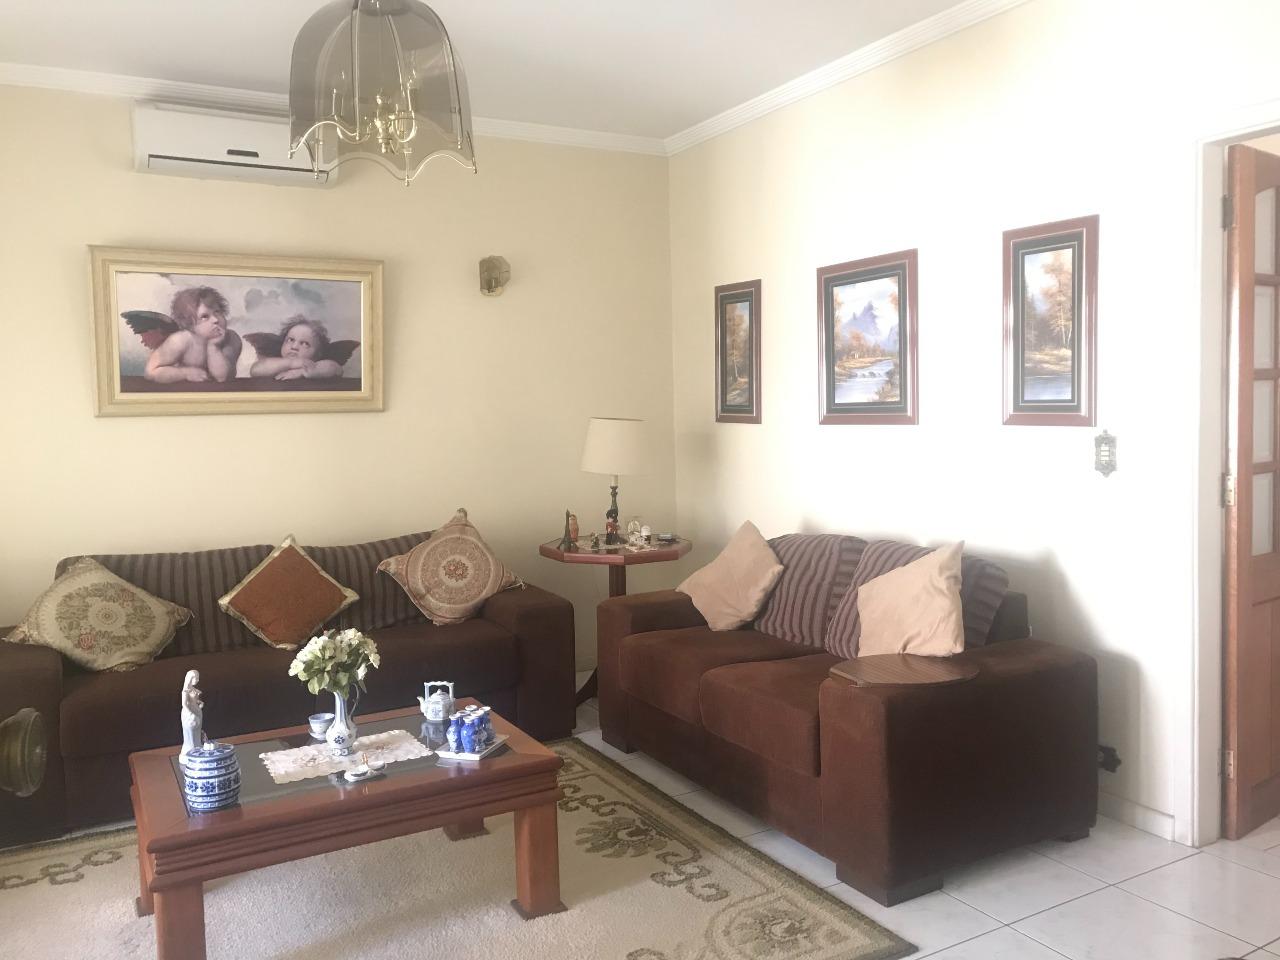 Casa para comprar, 3 quartos, 1 suíte, 3 vagas, no bairro Jardim Europa em Piracicaba - SP